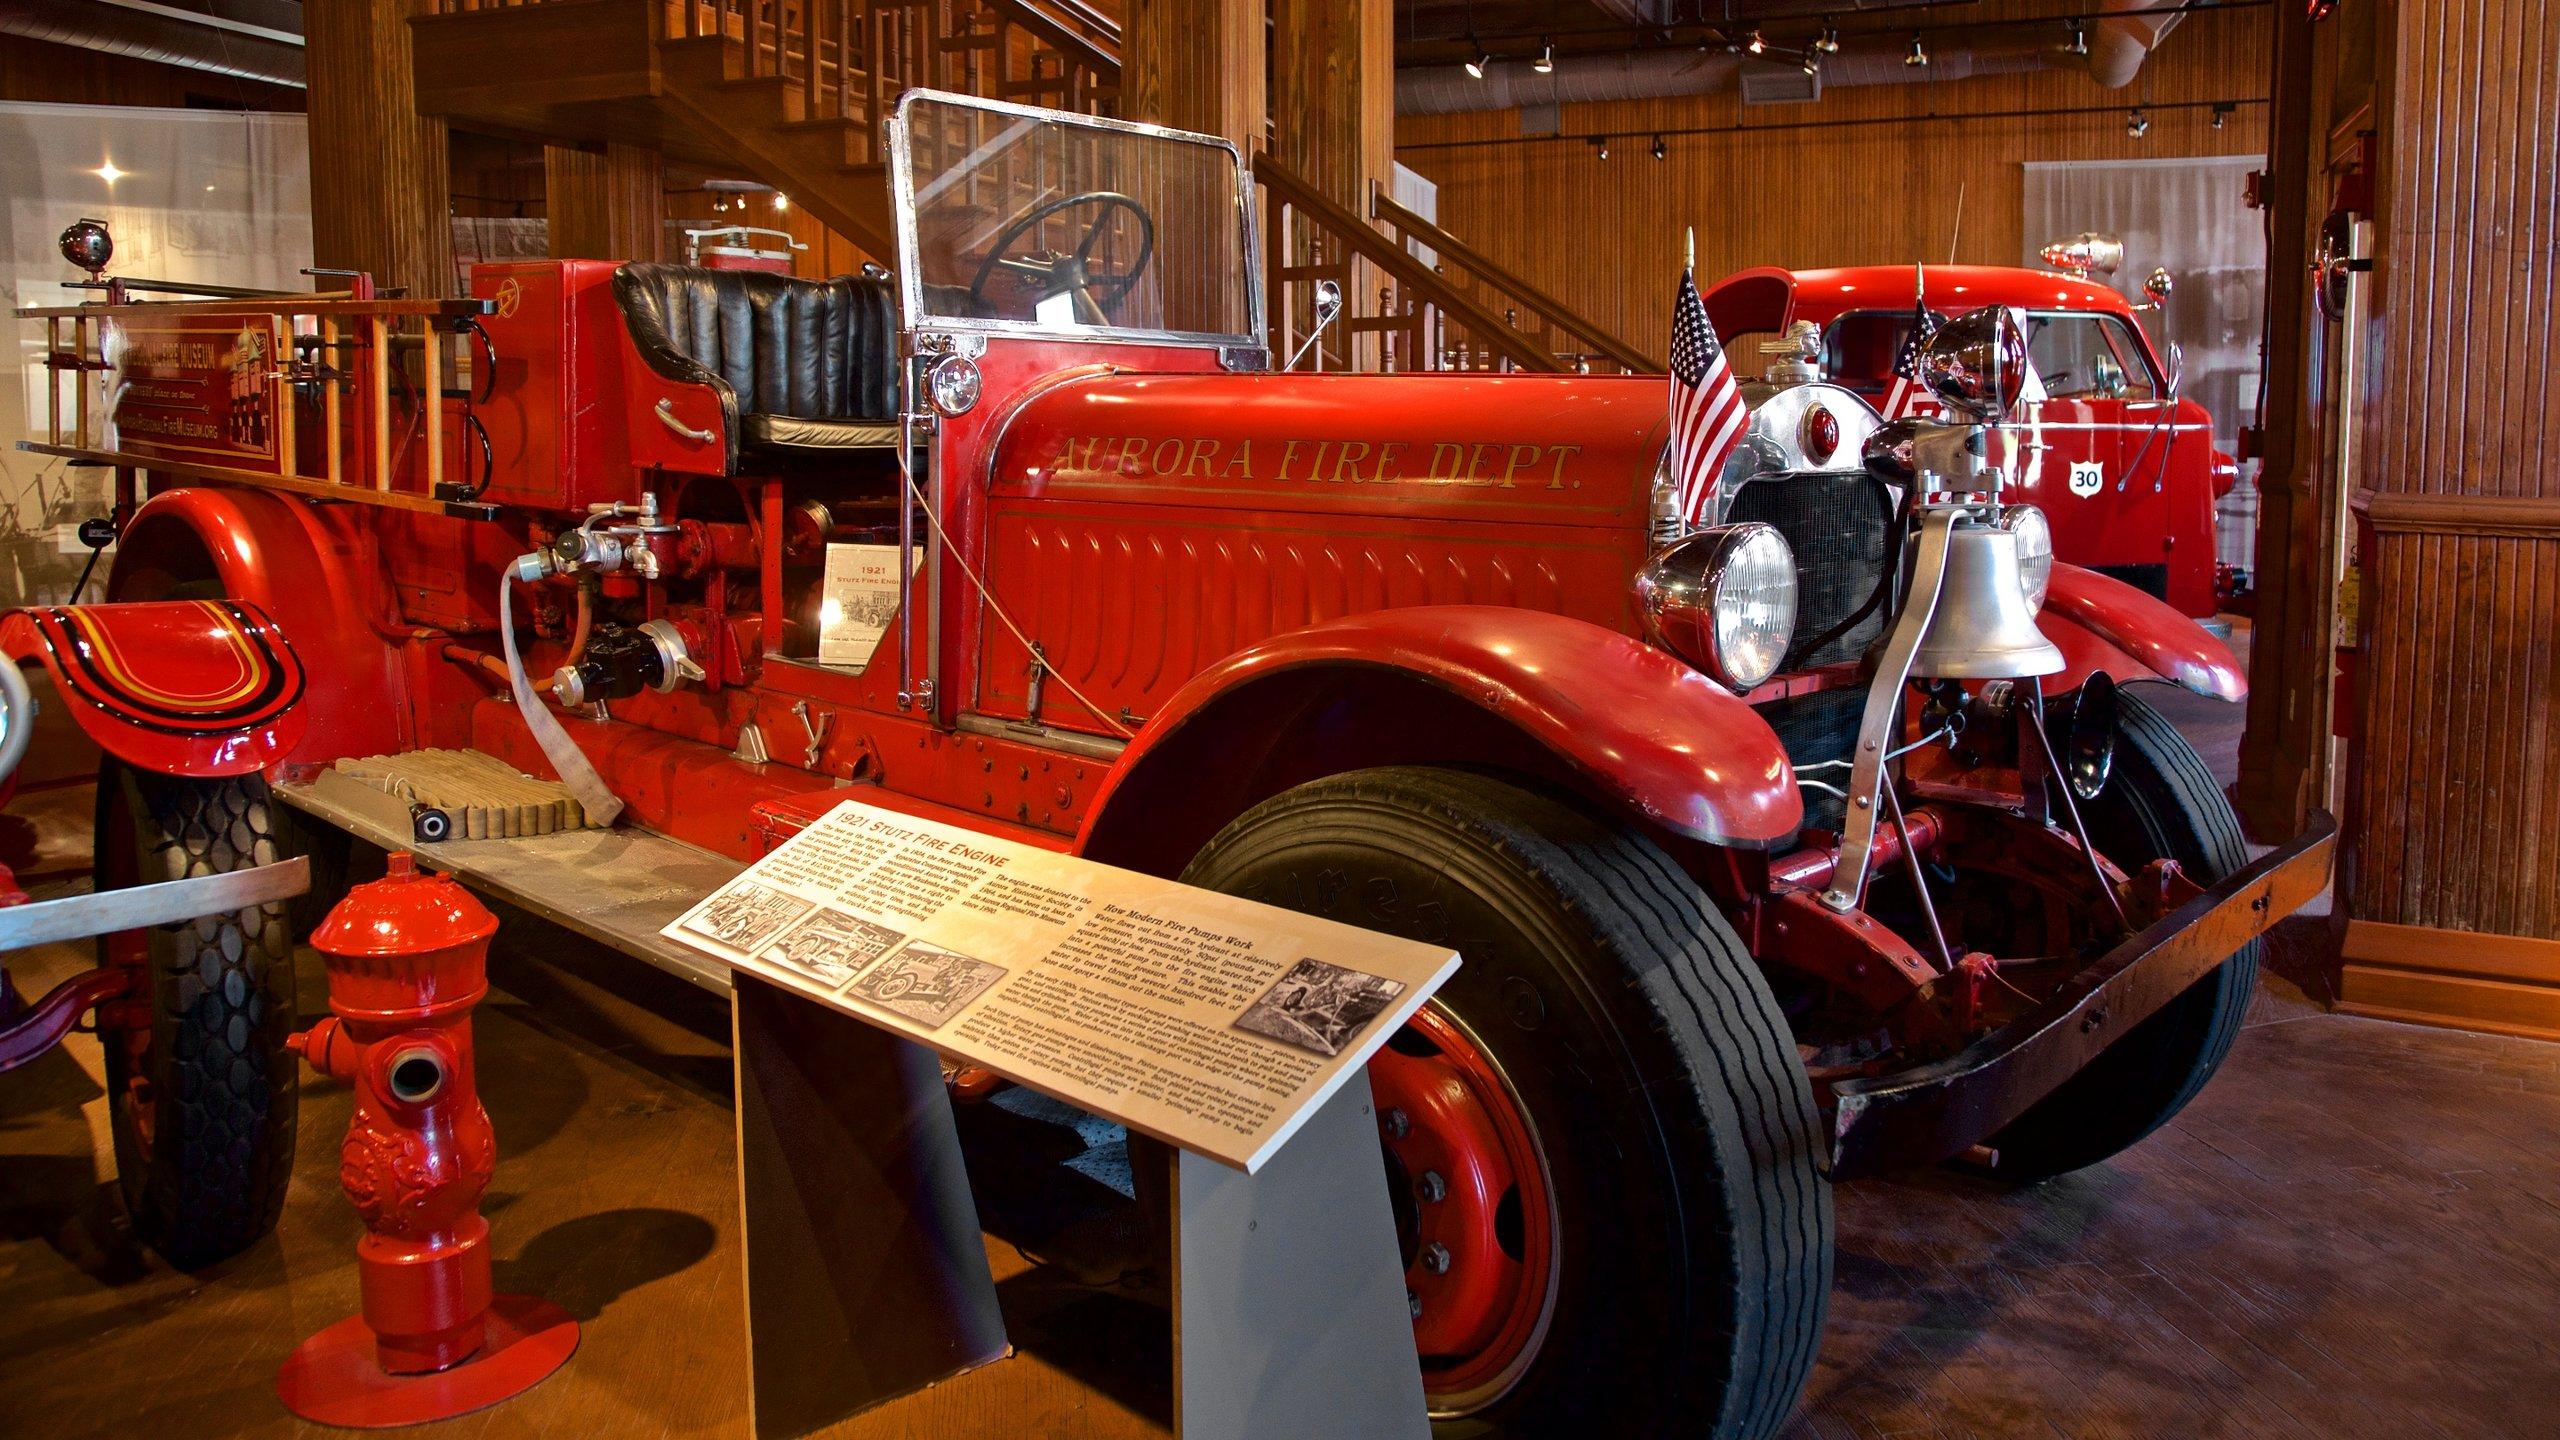 Aurora Regional Fire Museum, Aurora, Illinois, Verenigde Staten